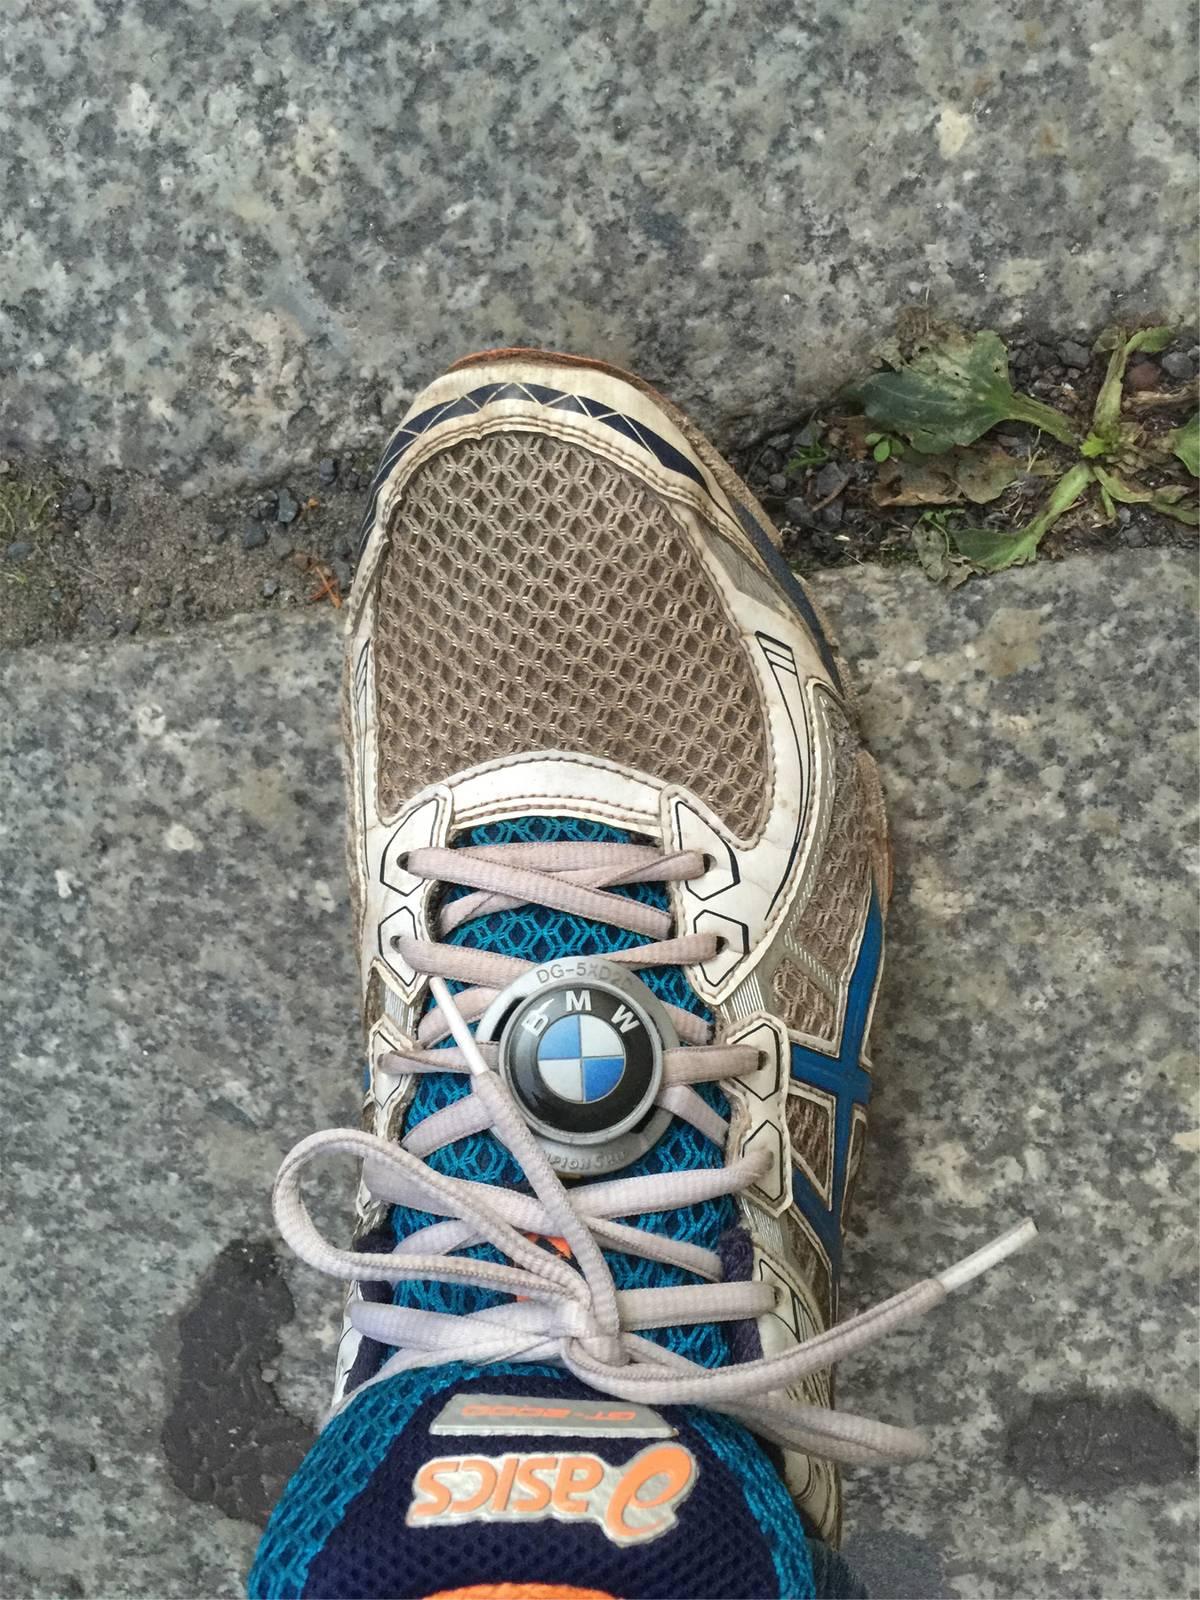 На некоторых марафонах требуется дополнительно оплатить чип, фиксирующий результат. Аренда чипа на Берлинском марафоне — 6€